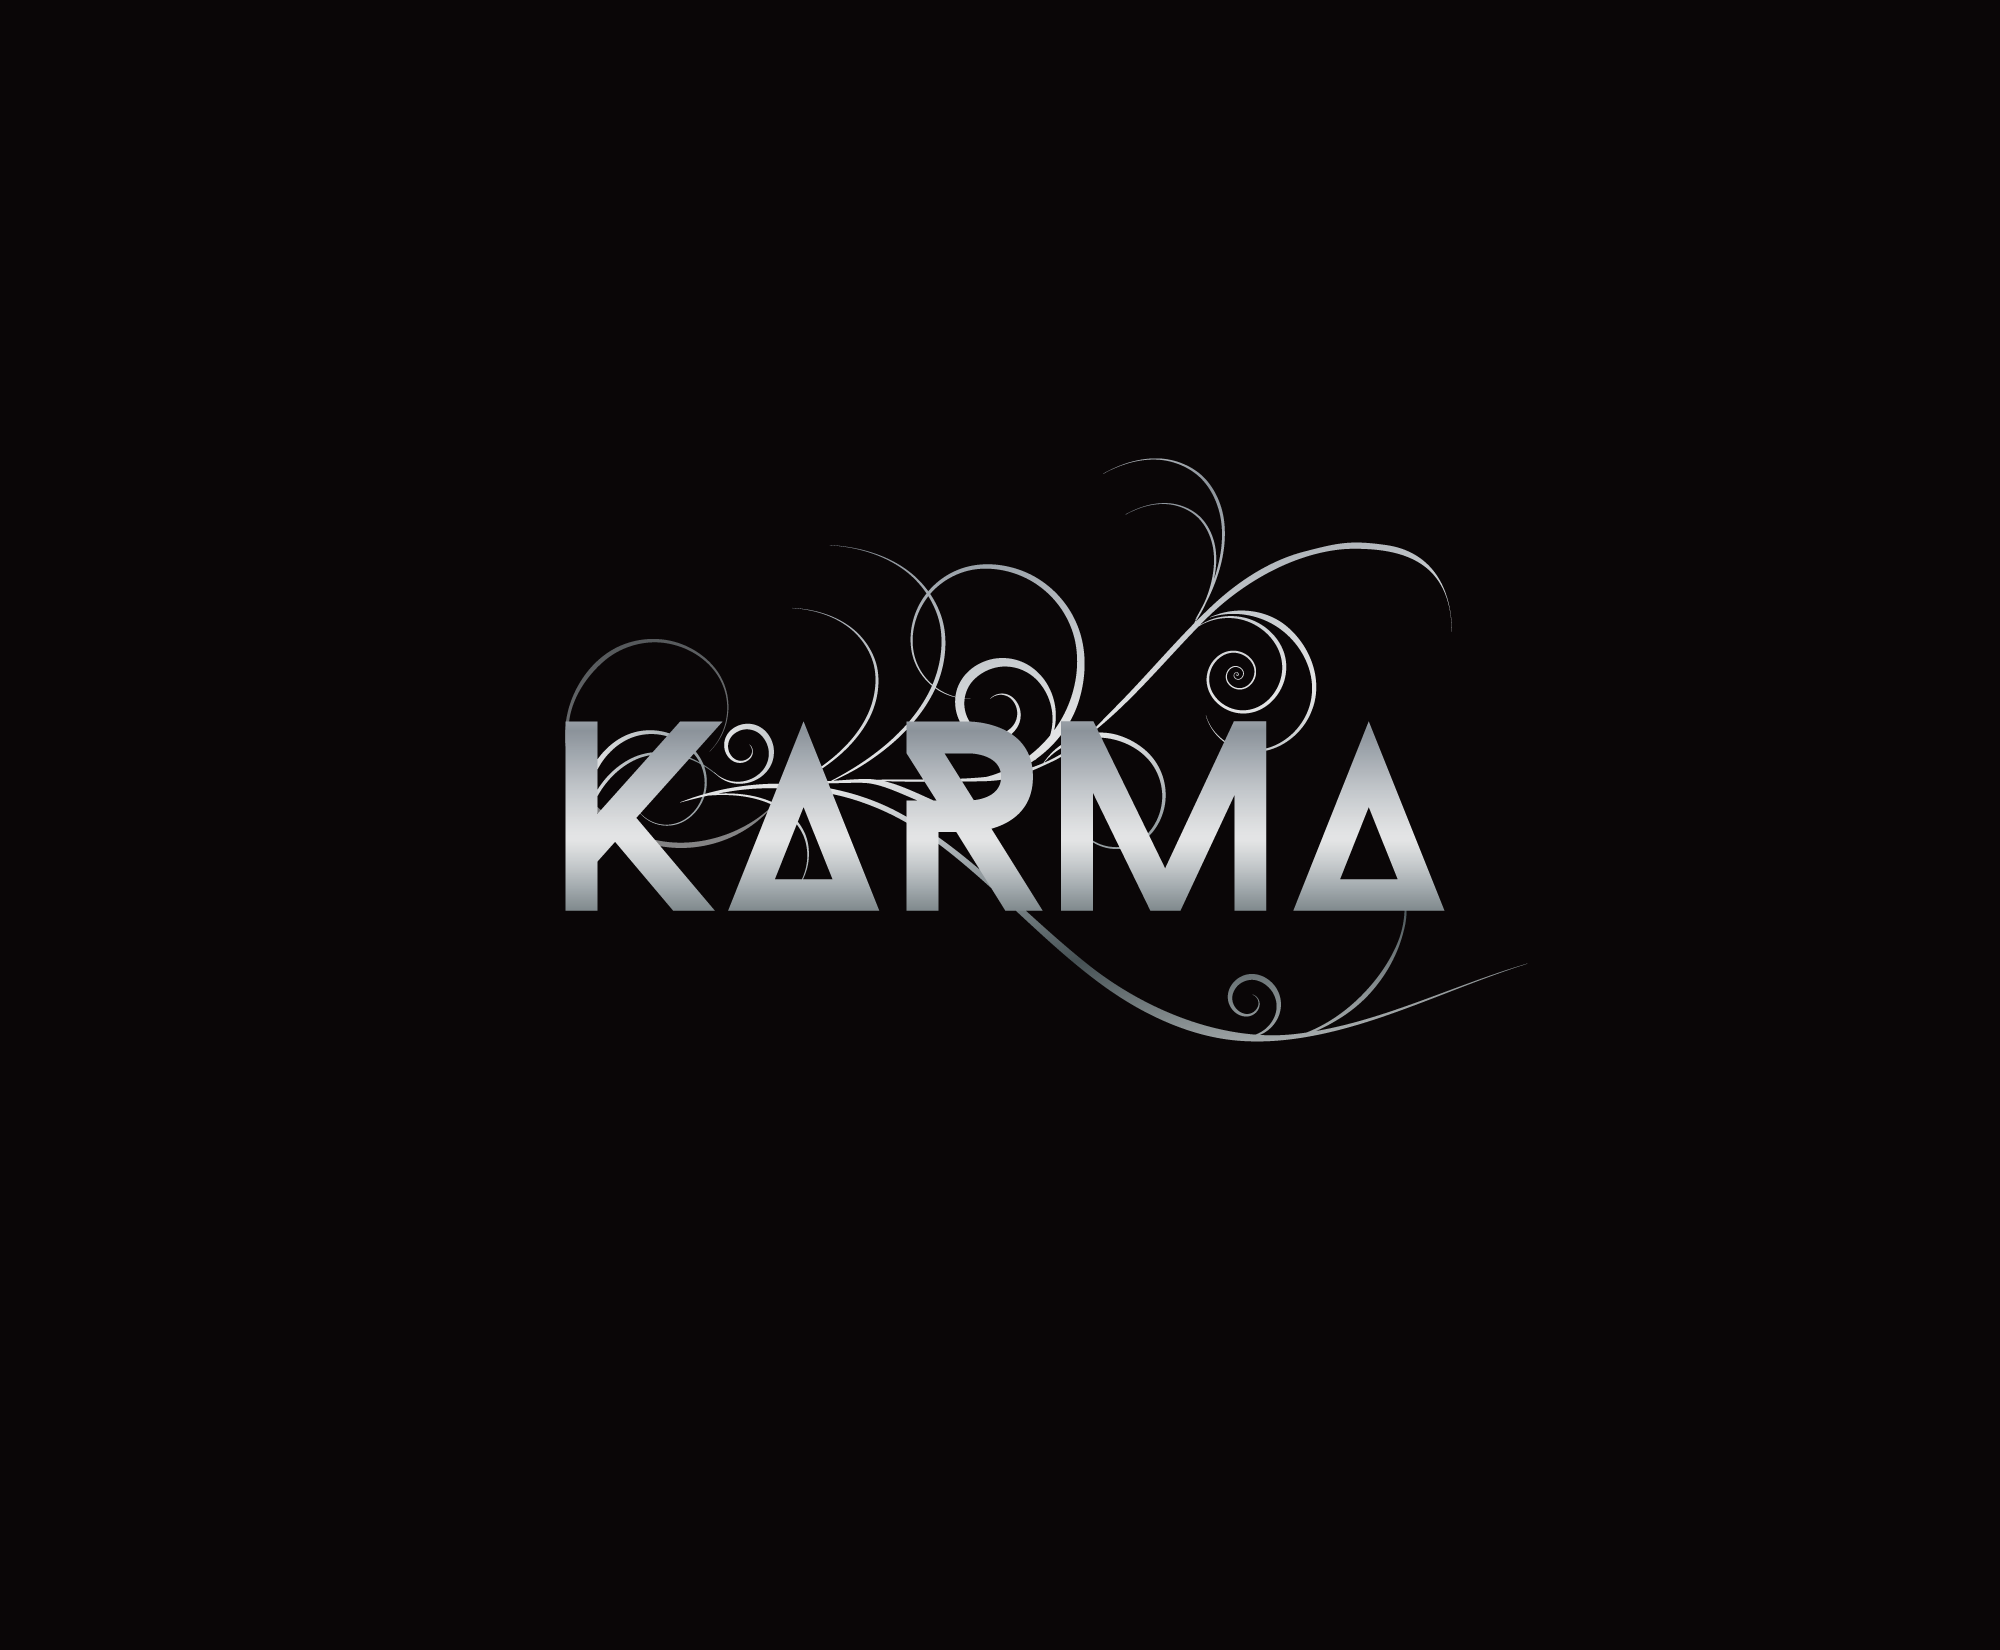 Karma what comes around goes around:music makes world go round